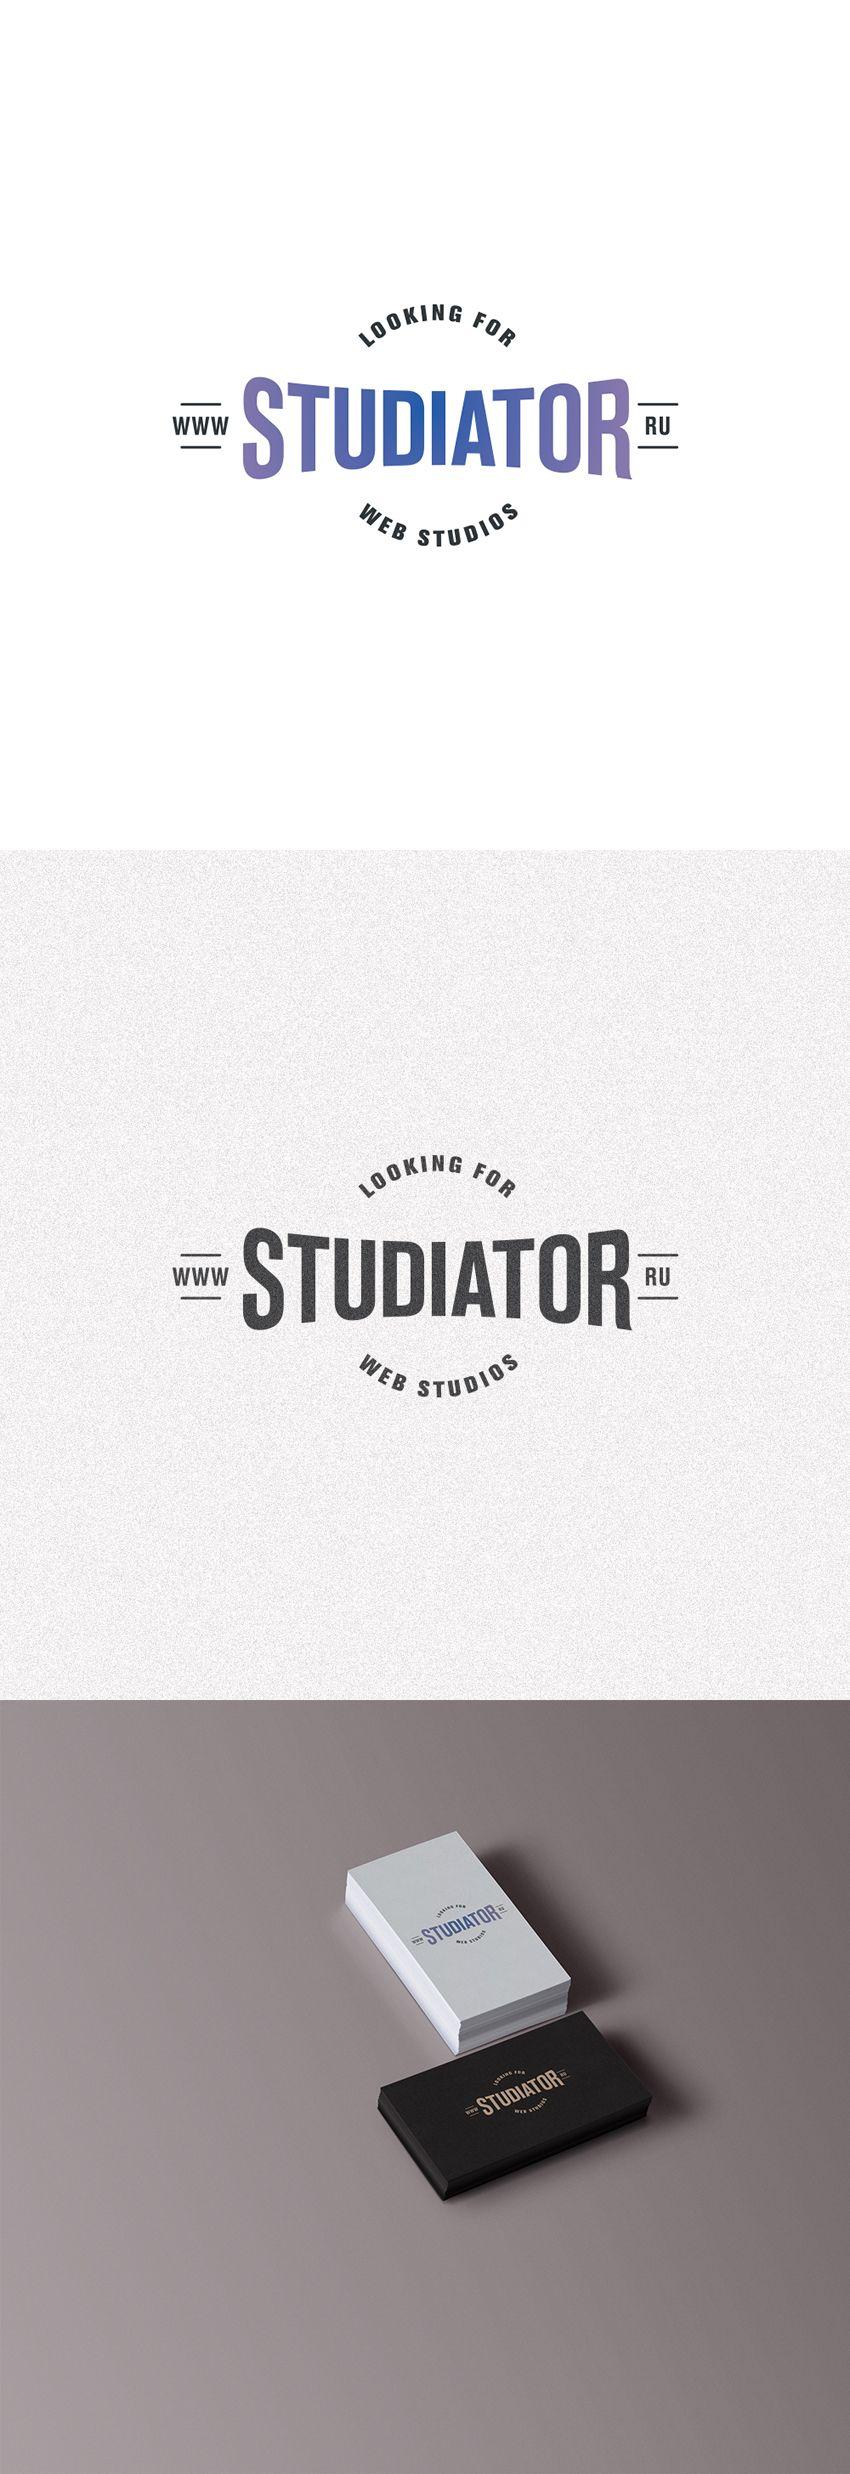 Логотип для каталога студий Веб-дизайна - дизайнер jennylems